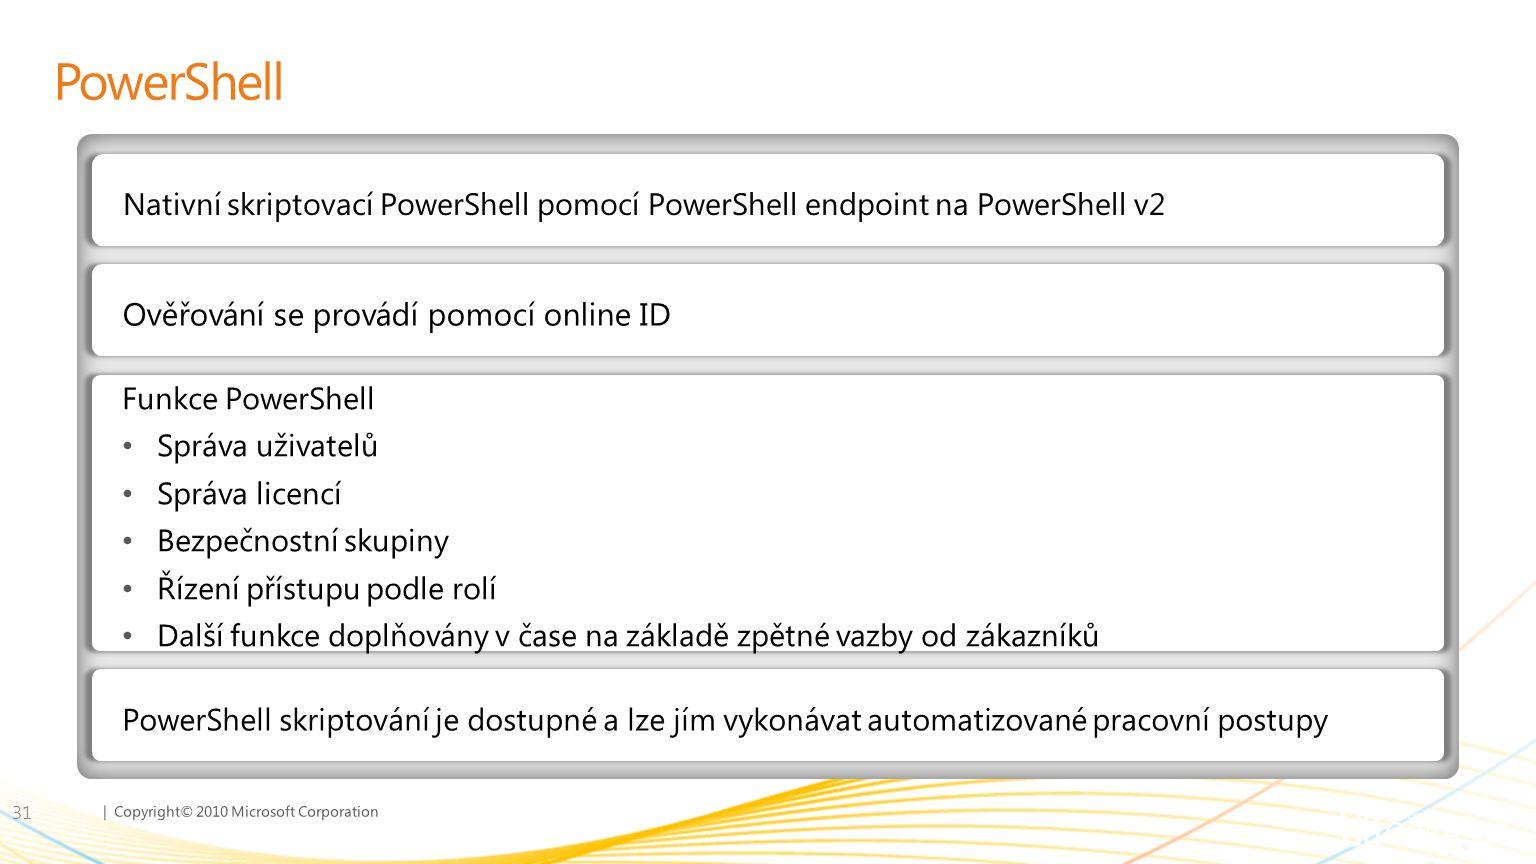 PowerShell Ověřování se provádí pomocí online ID